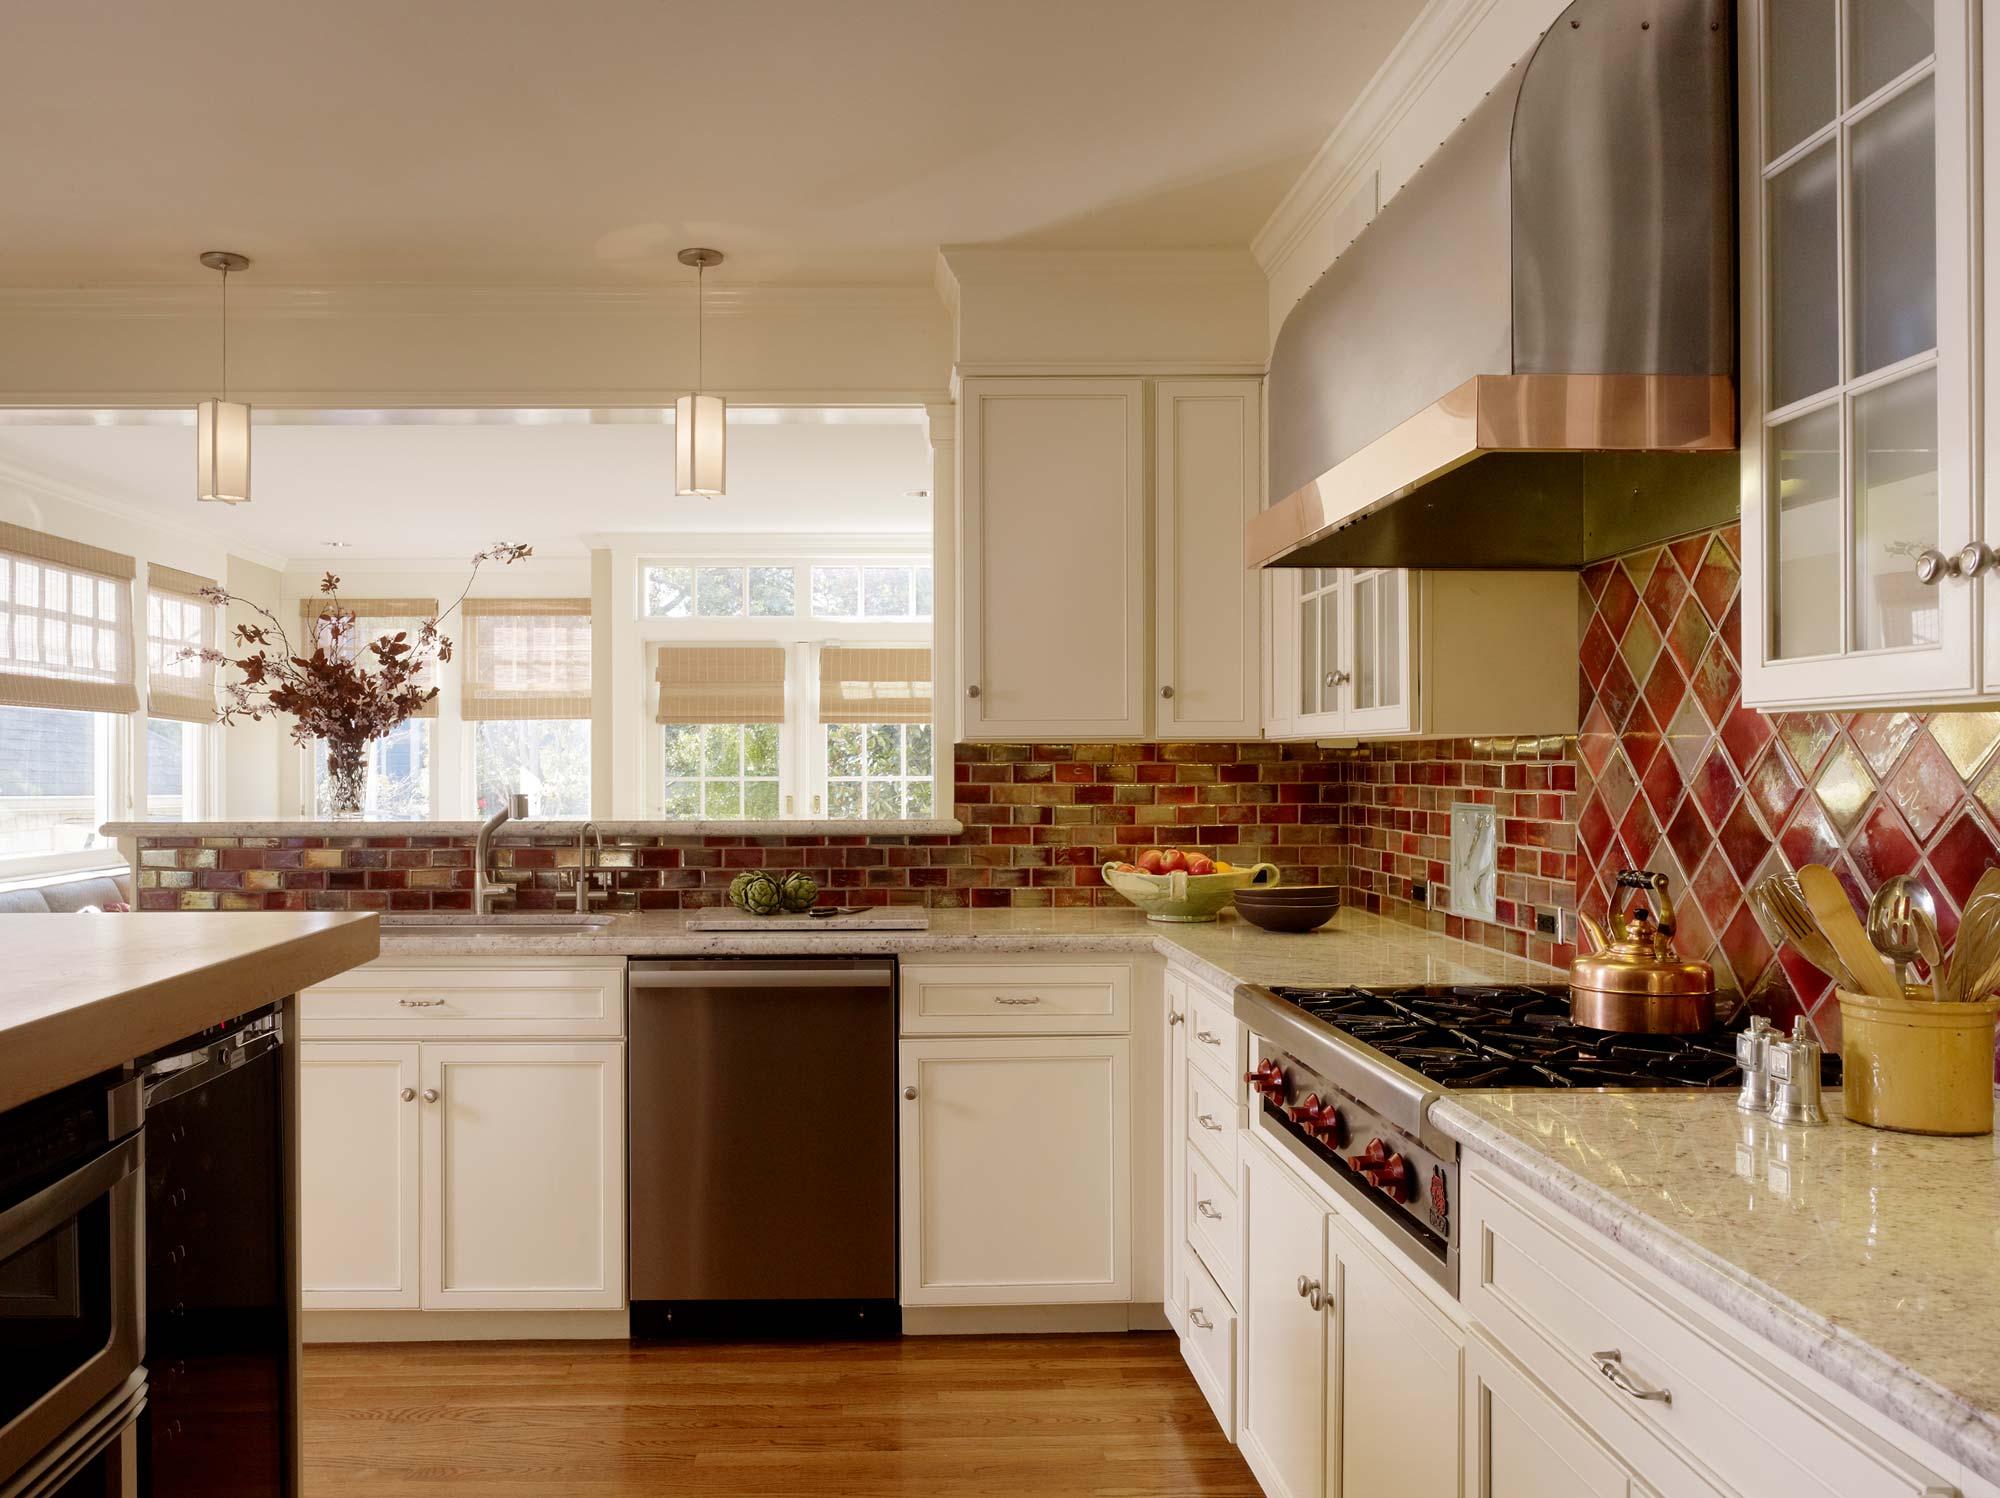 Laurel Heights Home_Kathy Best Design_05